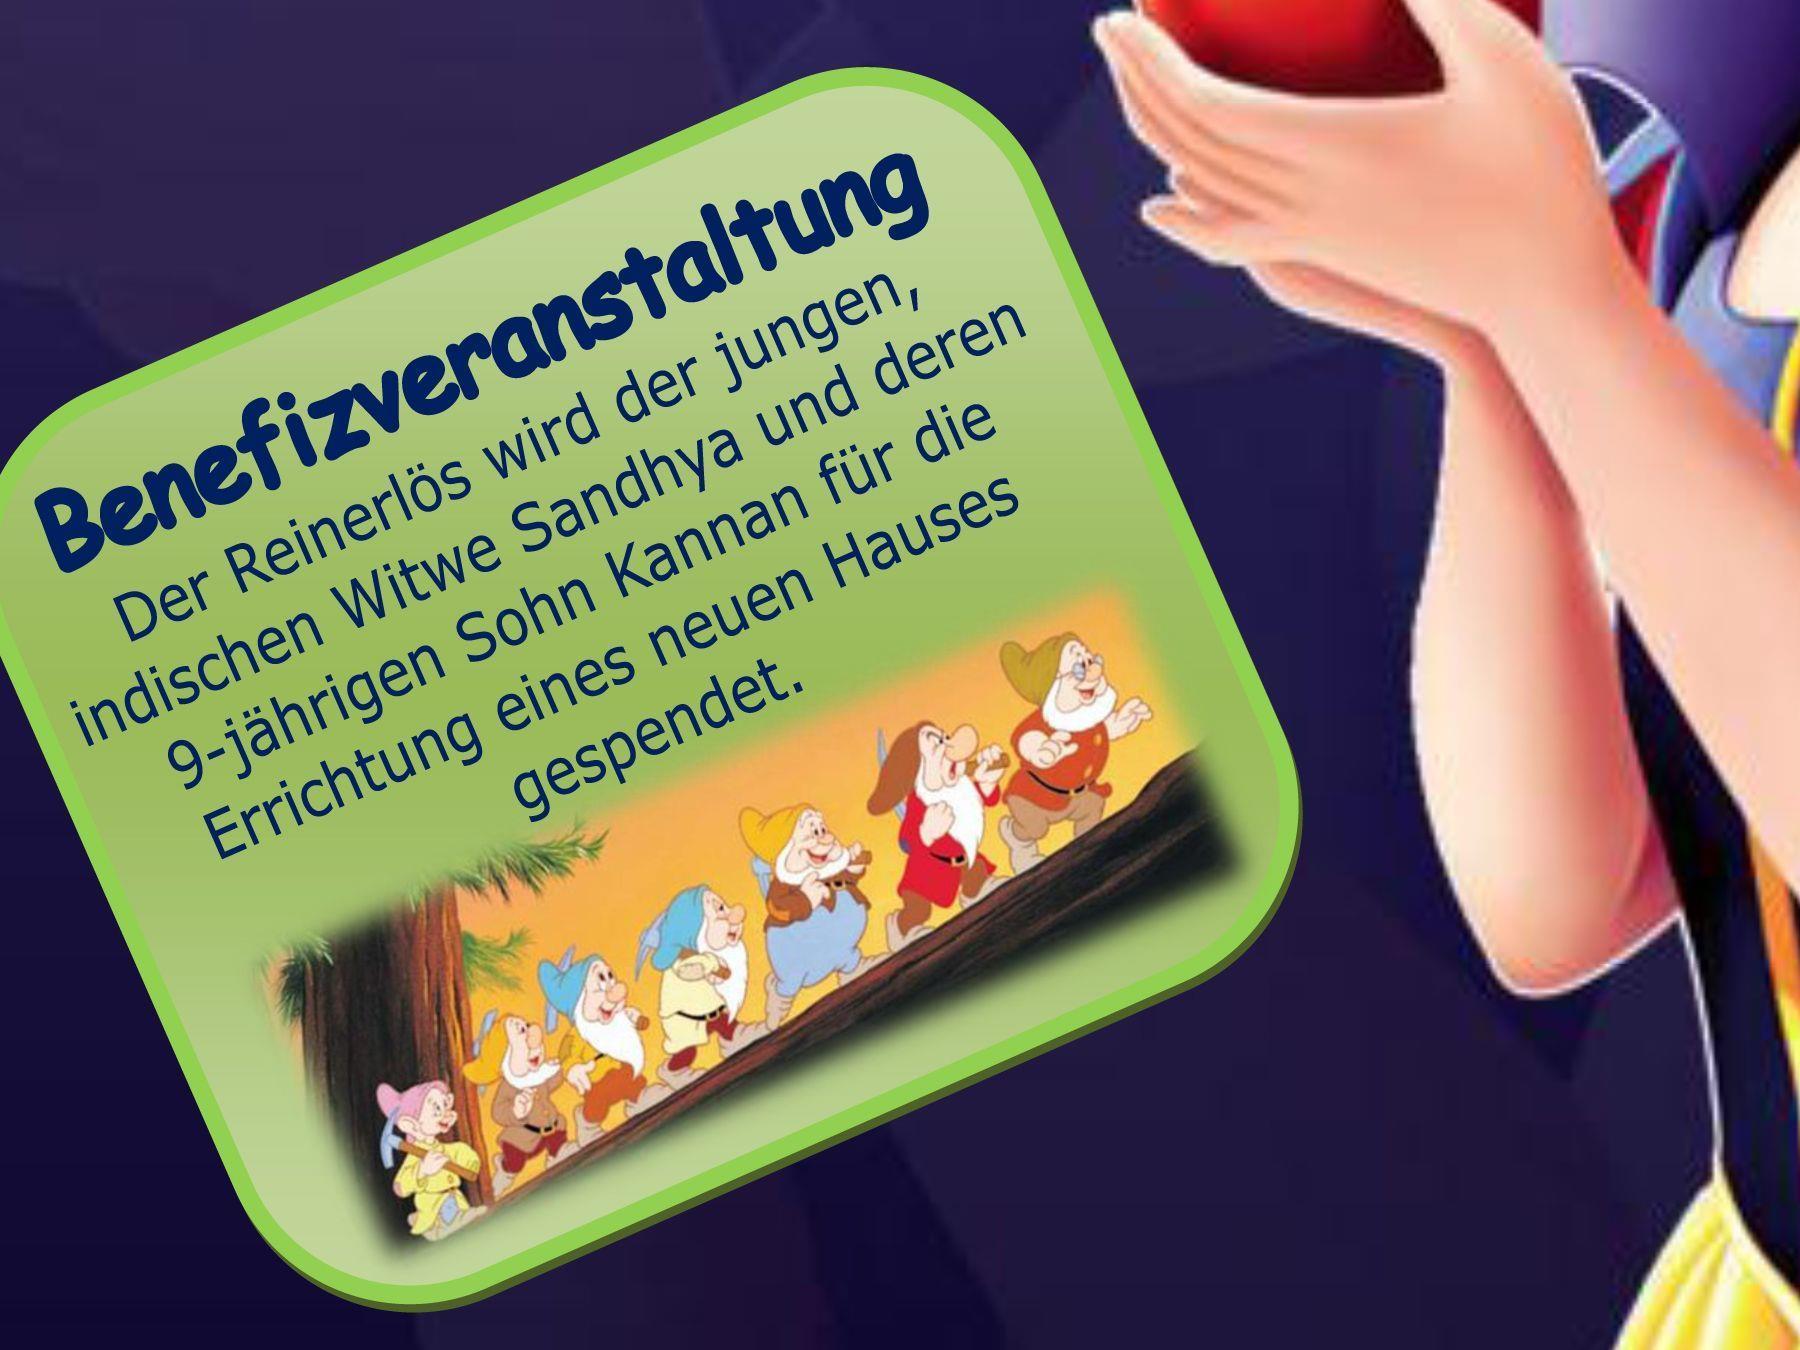 Faschingsmesse in der Pfarrkirche Meiningen mit anschließendem Faschingscafé kommenden Sonntag.